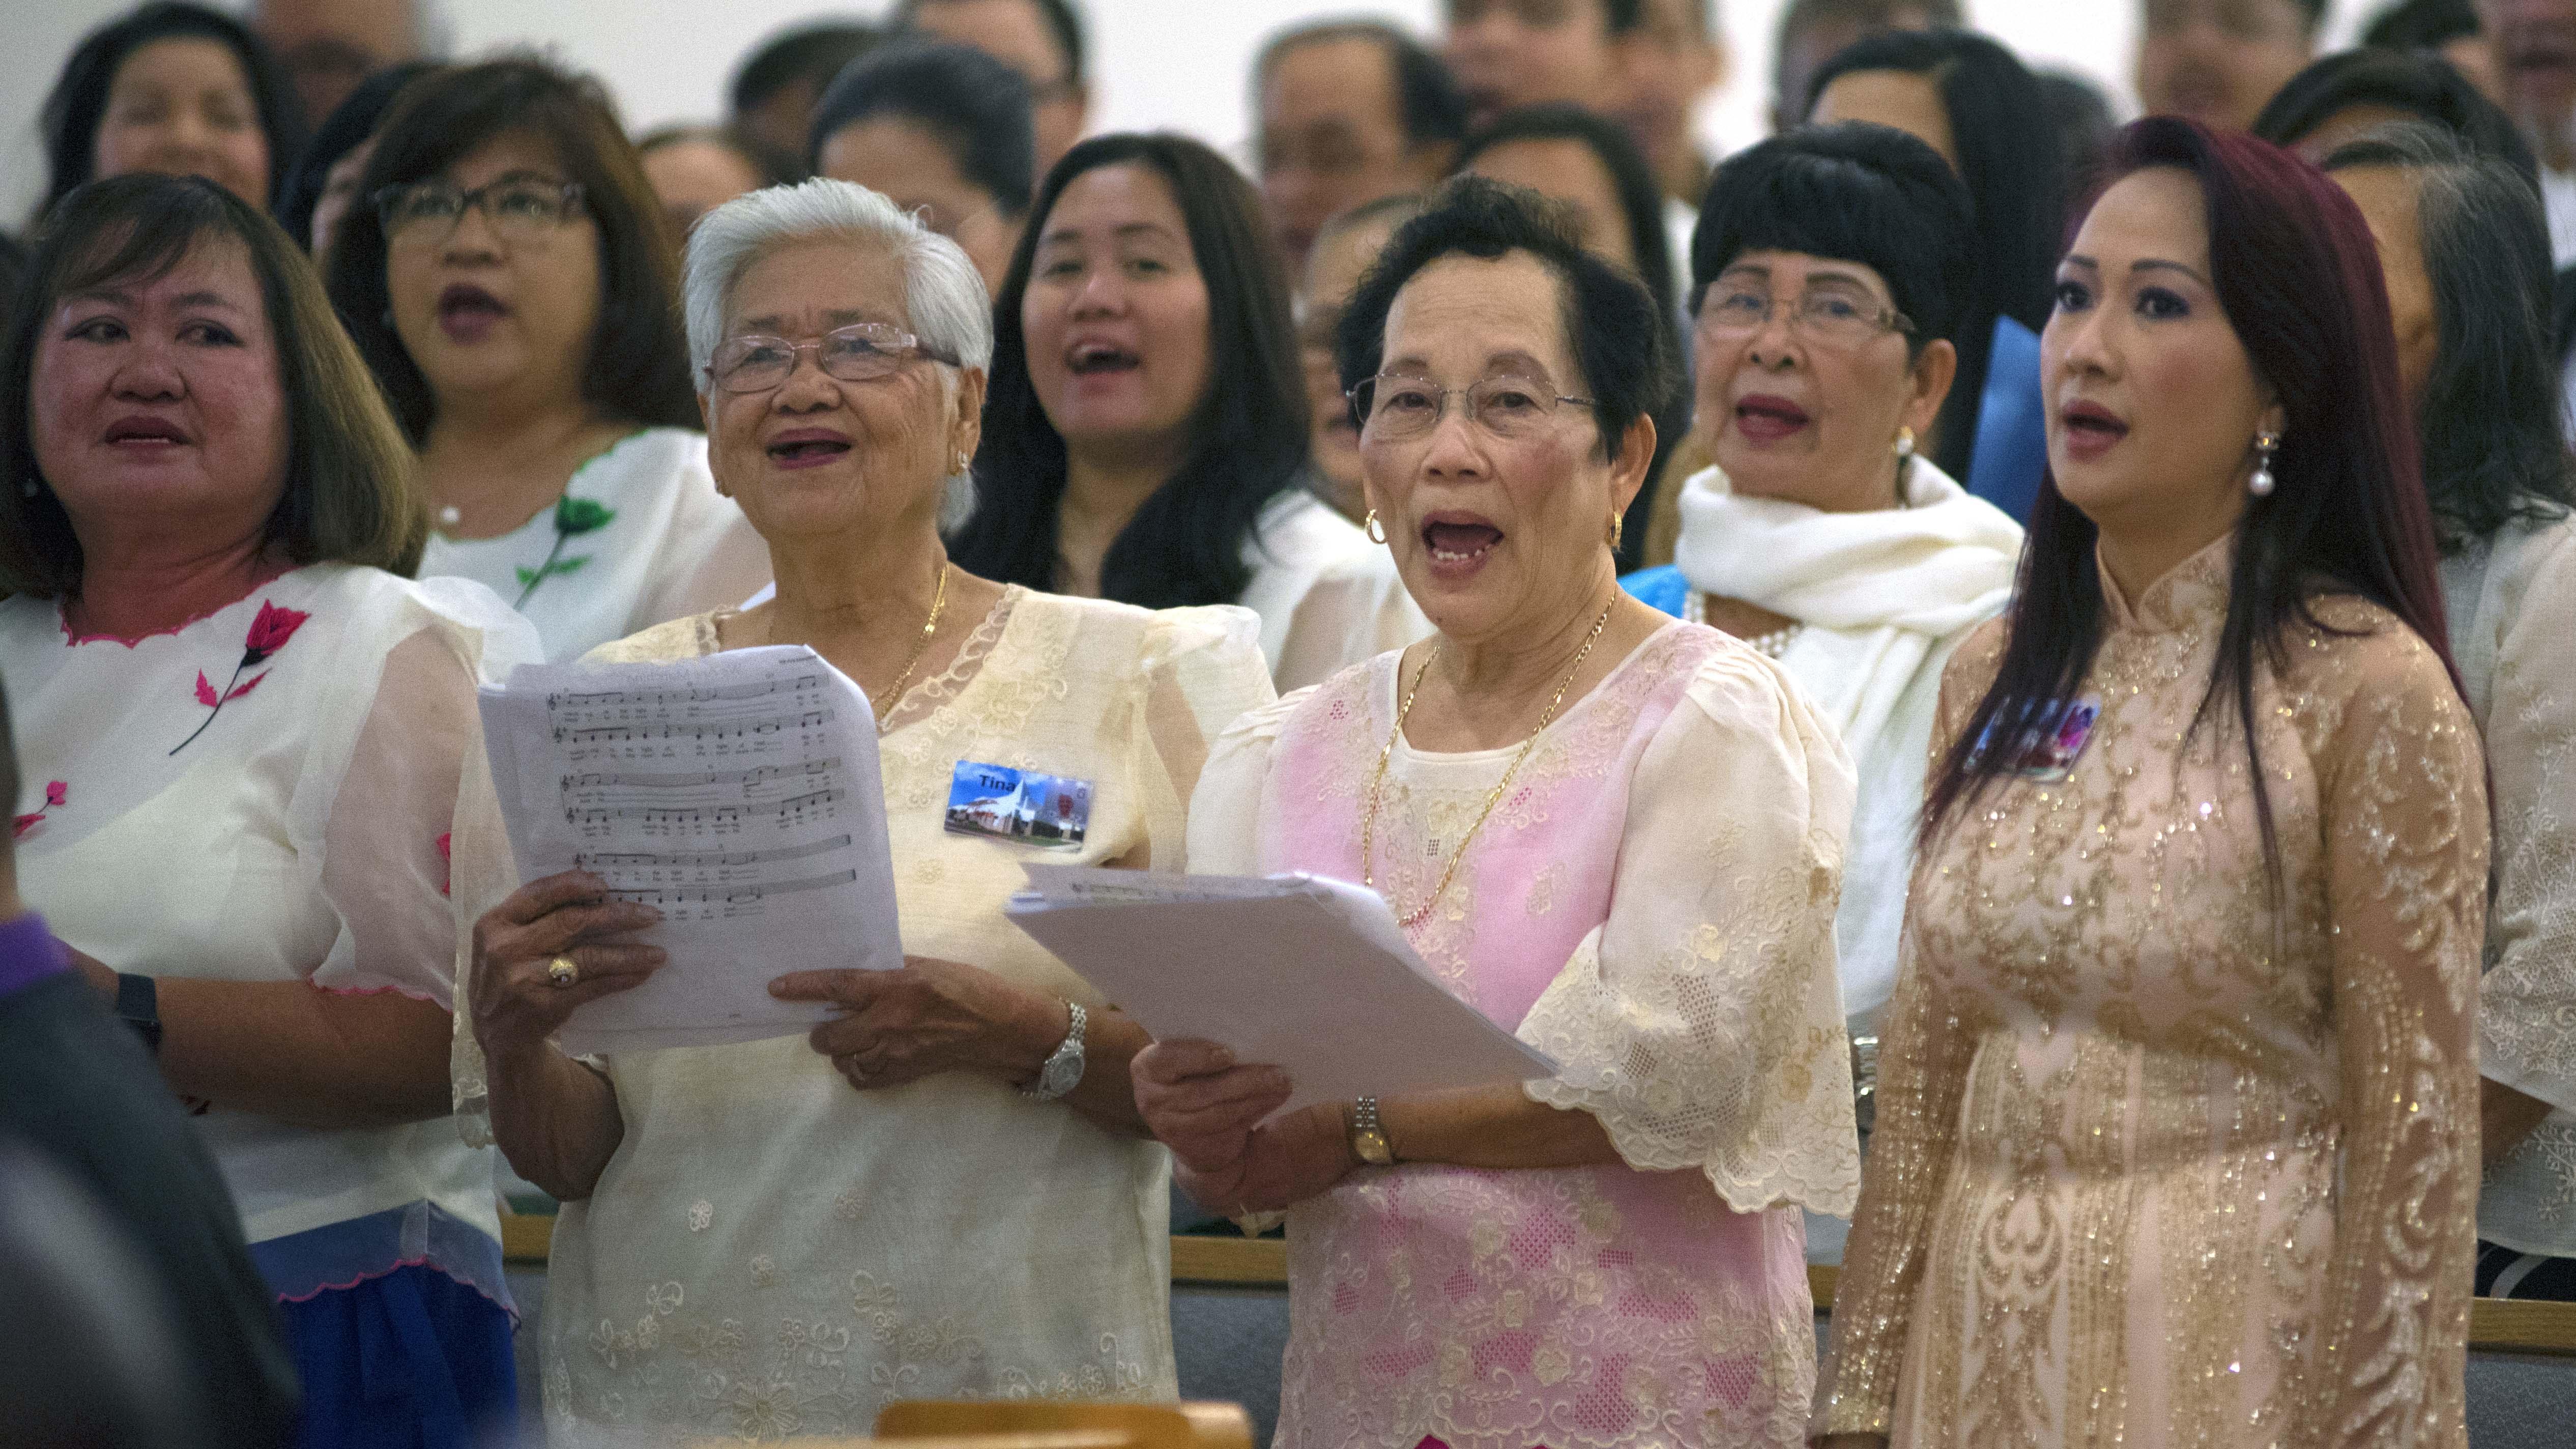 A multi-cultural choir sang during the Mass.